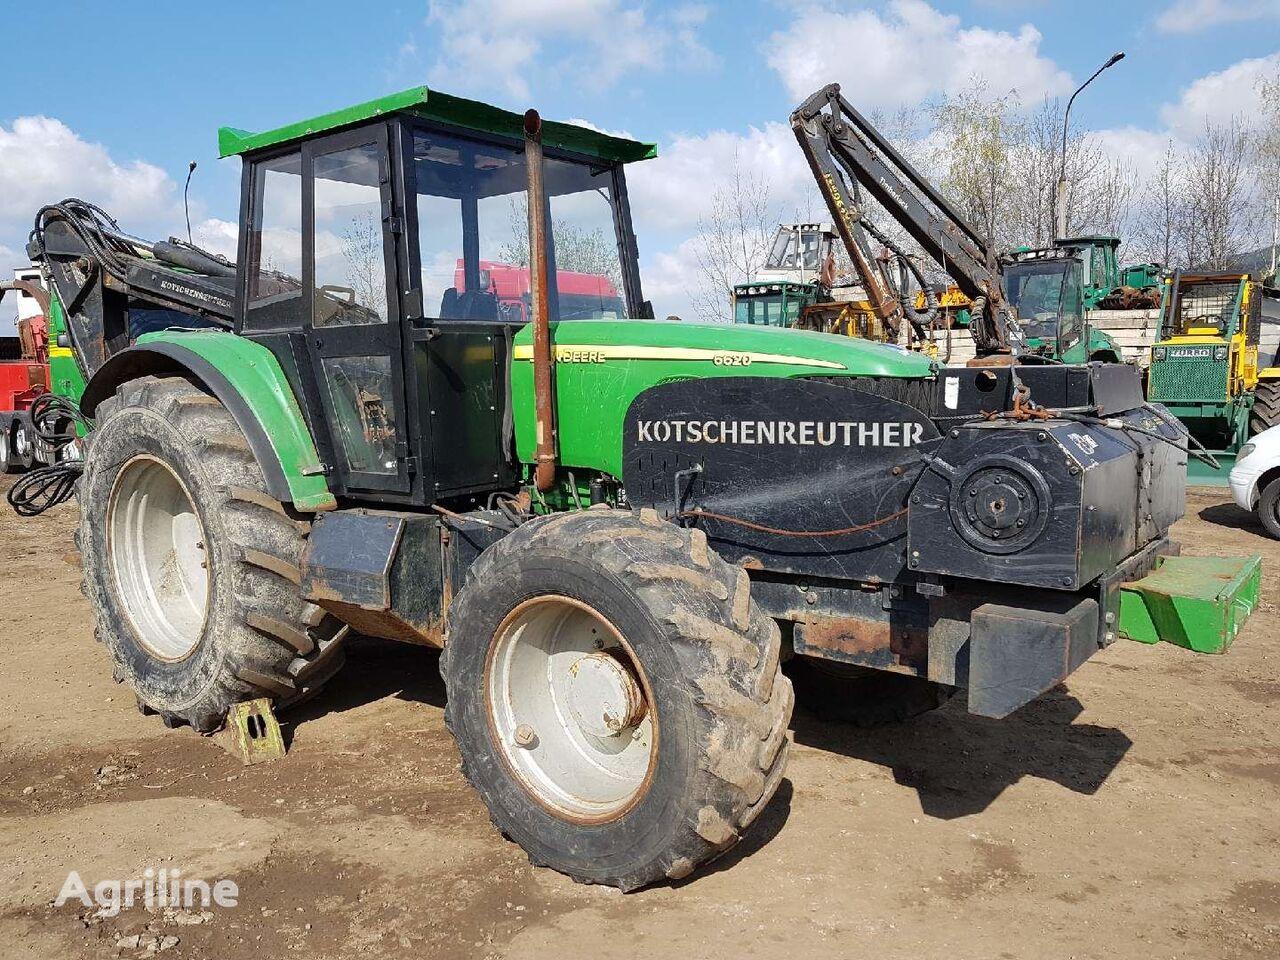 трелевочный трактор JOHN DEERE 6620 KOTSCHENREUTHER